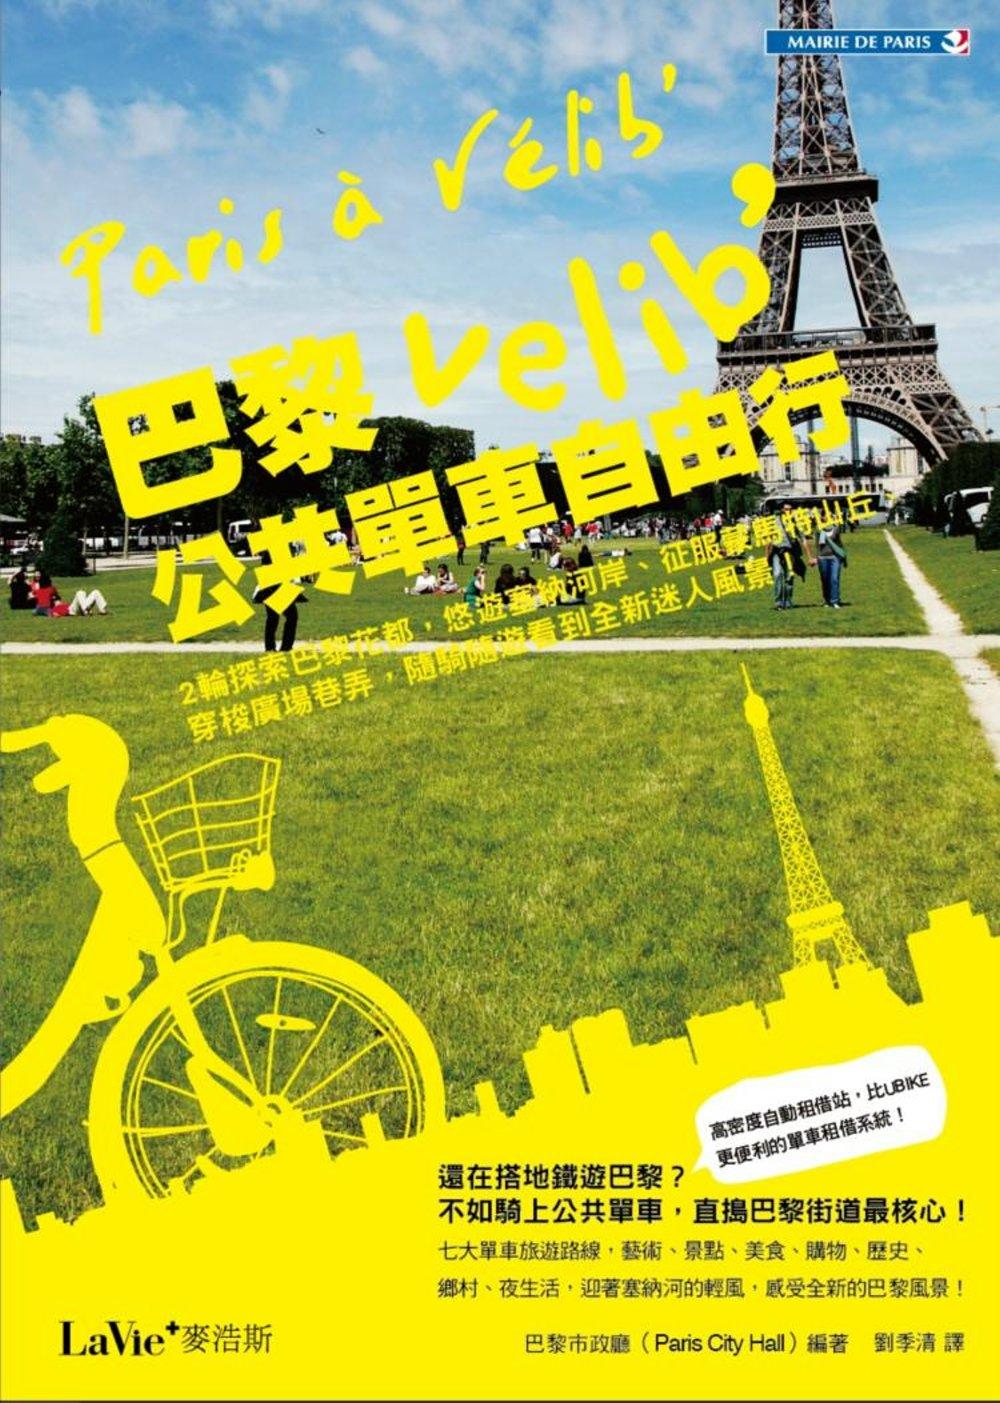 巴黎V?lib'公共單車自由行:二輪探索巴黎花都,悠遊塞納河岸、征服蒙馬特山丘、穿梭廣場巷弄,隨騎隨遊看到全新迷人風景!